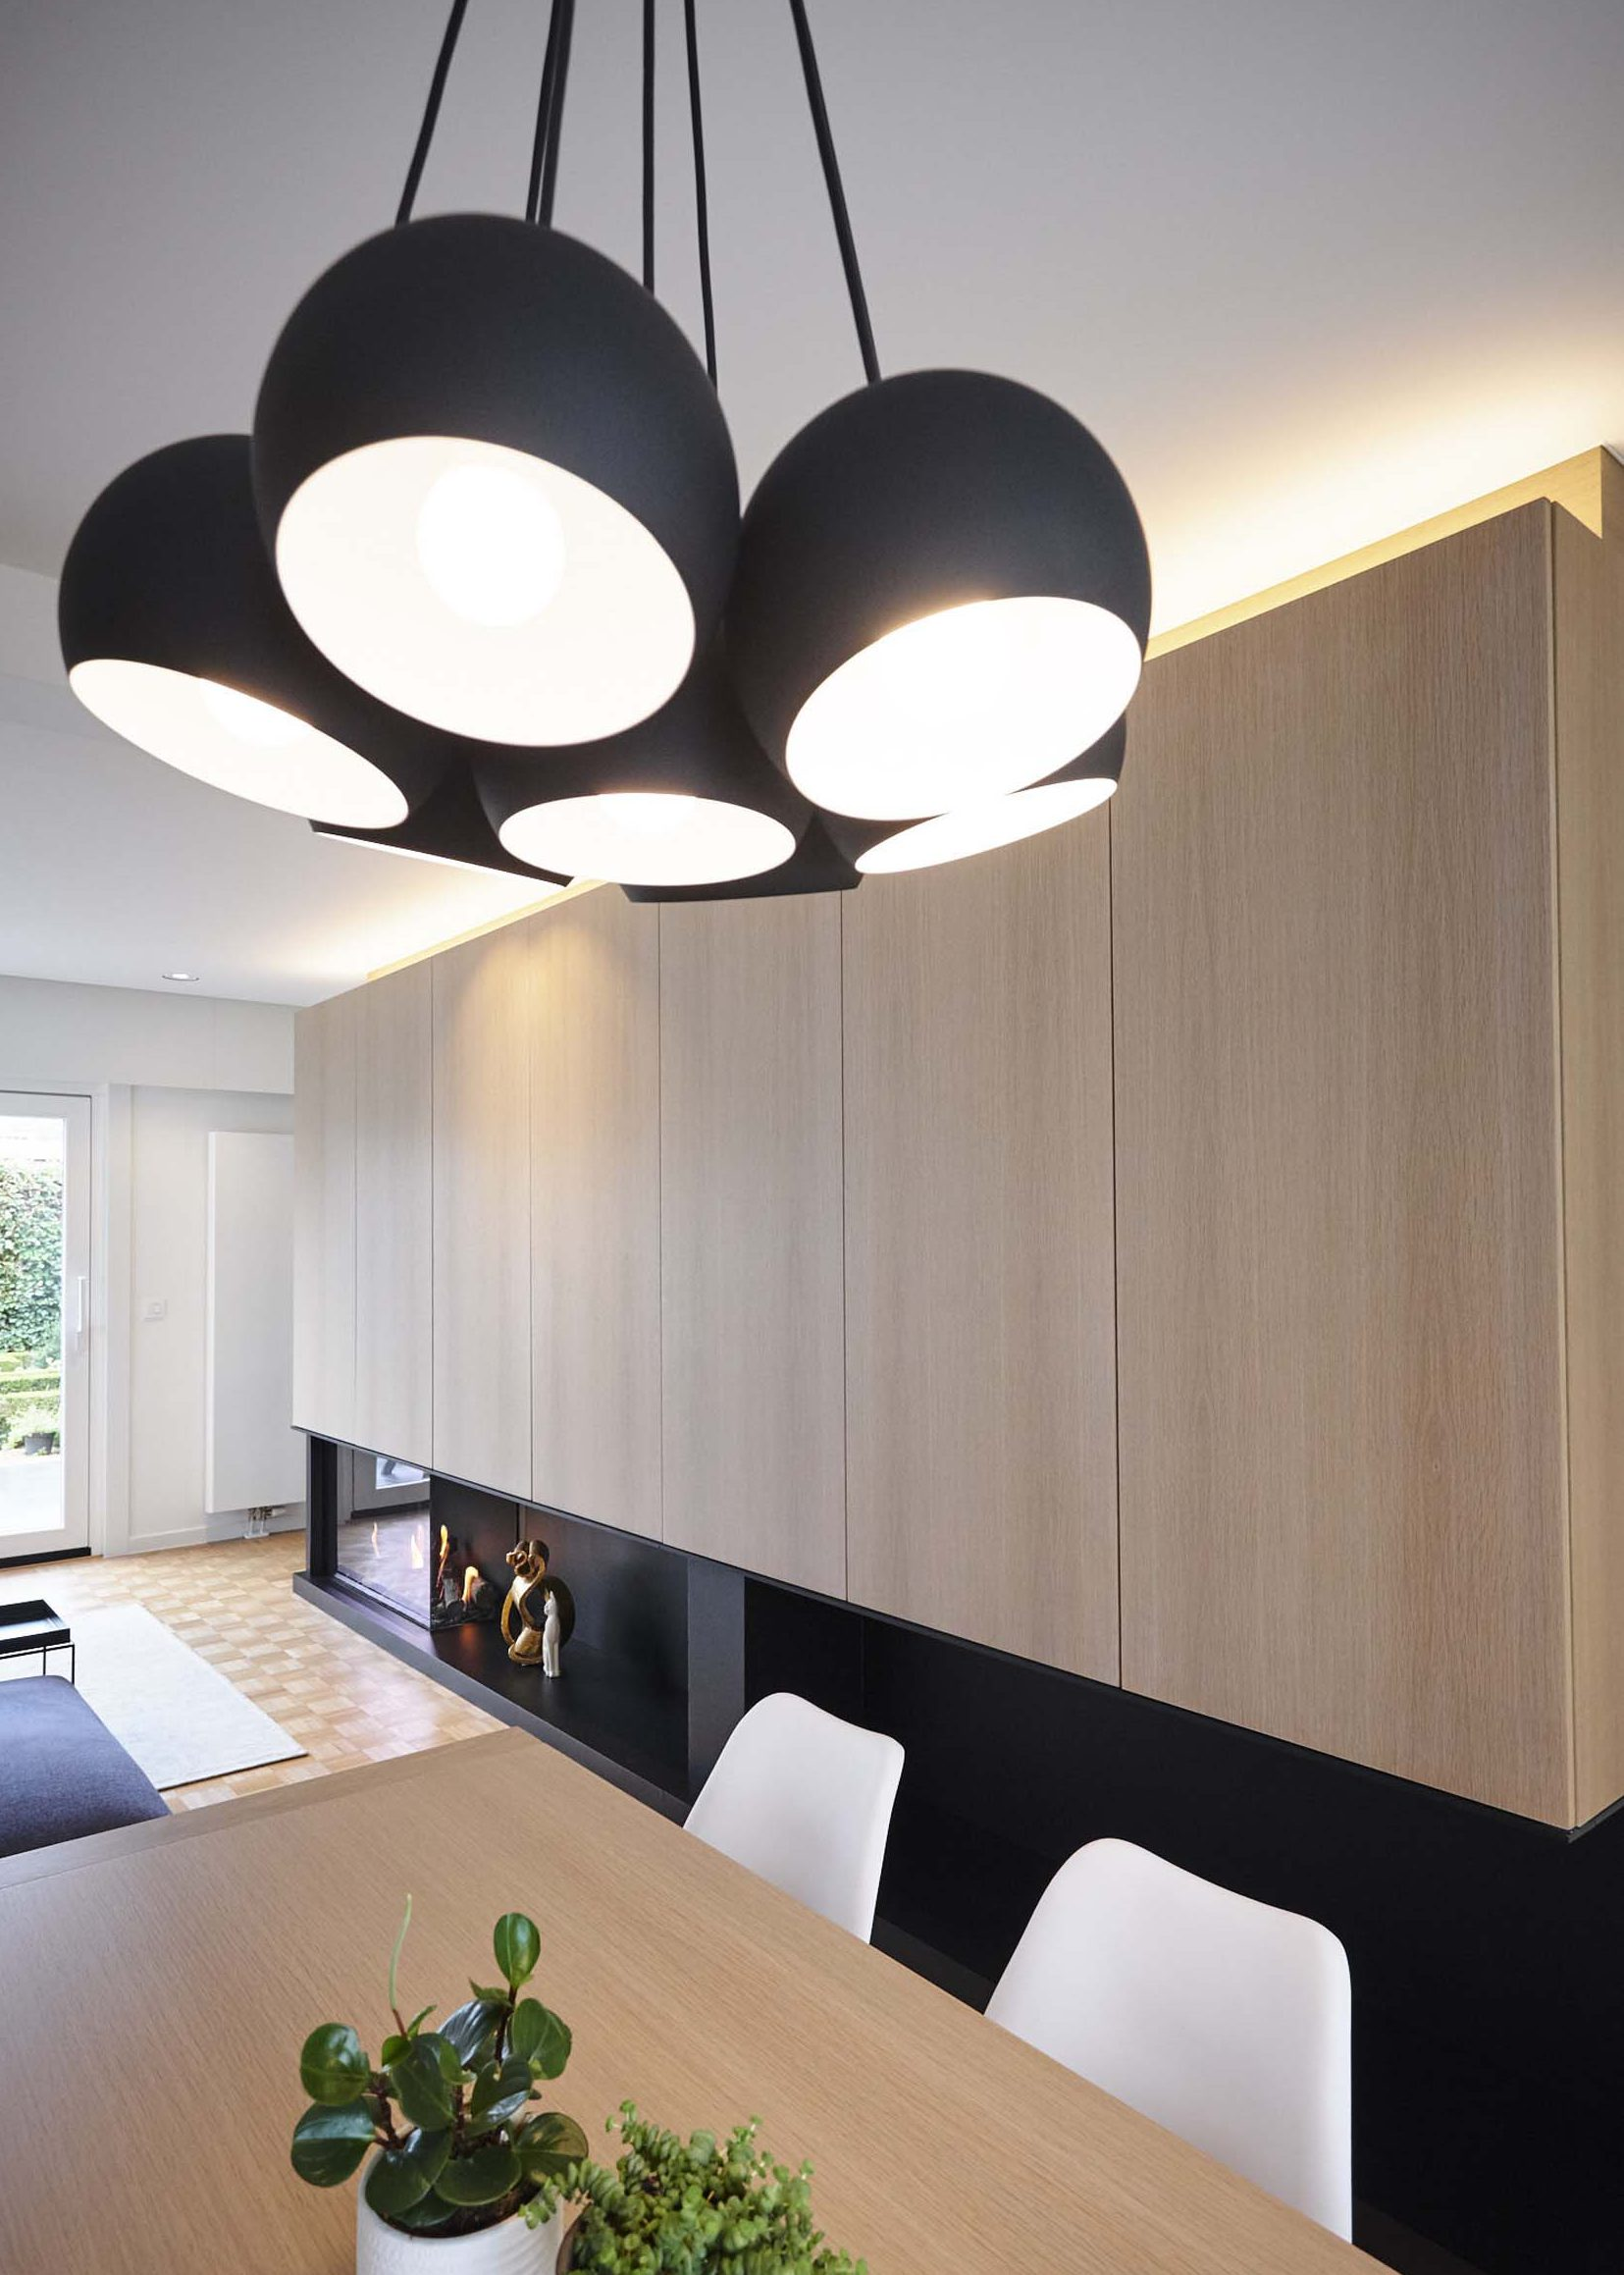 Vanda-projects-interieurinrichting-meubelmakerij-oost-vlaanderen-six-gent-verlichting